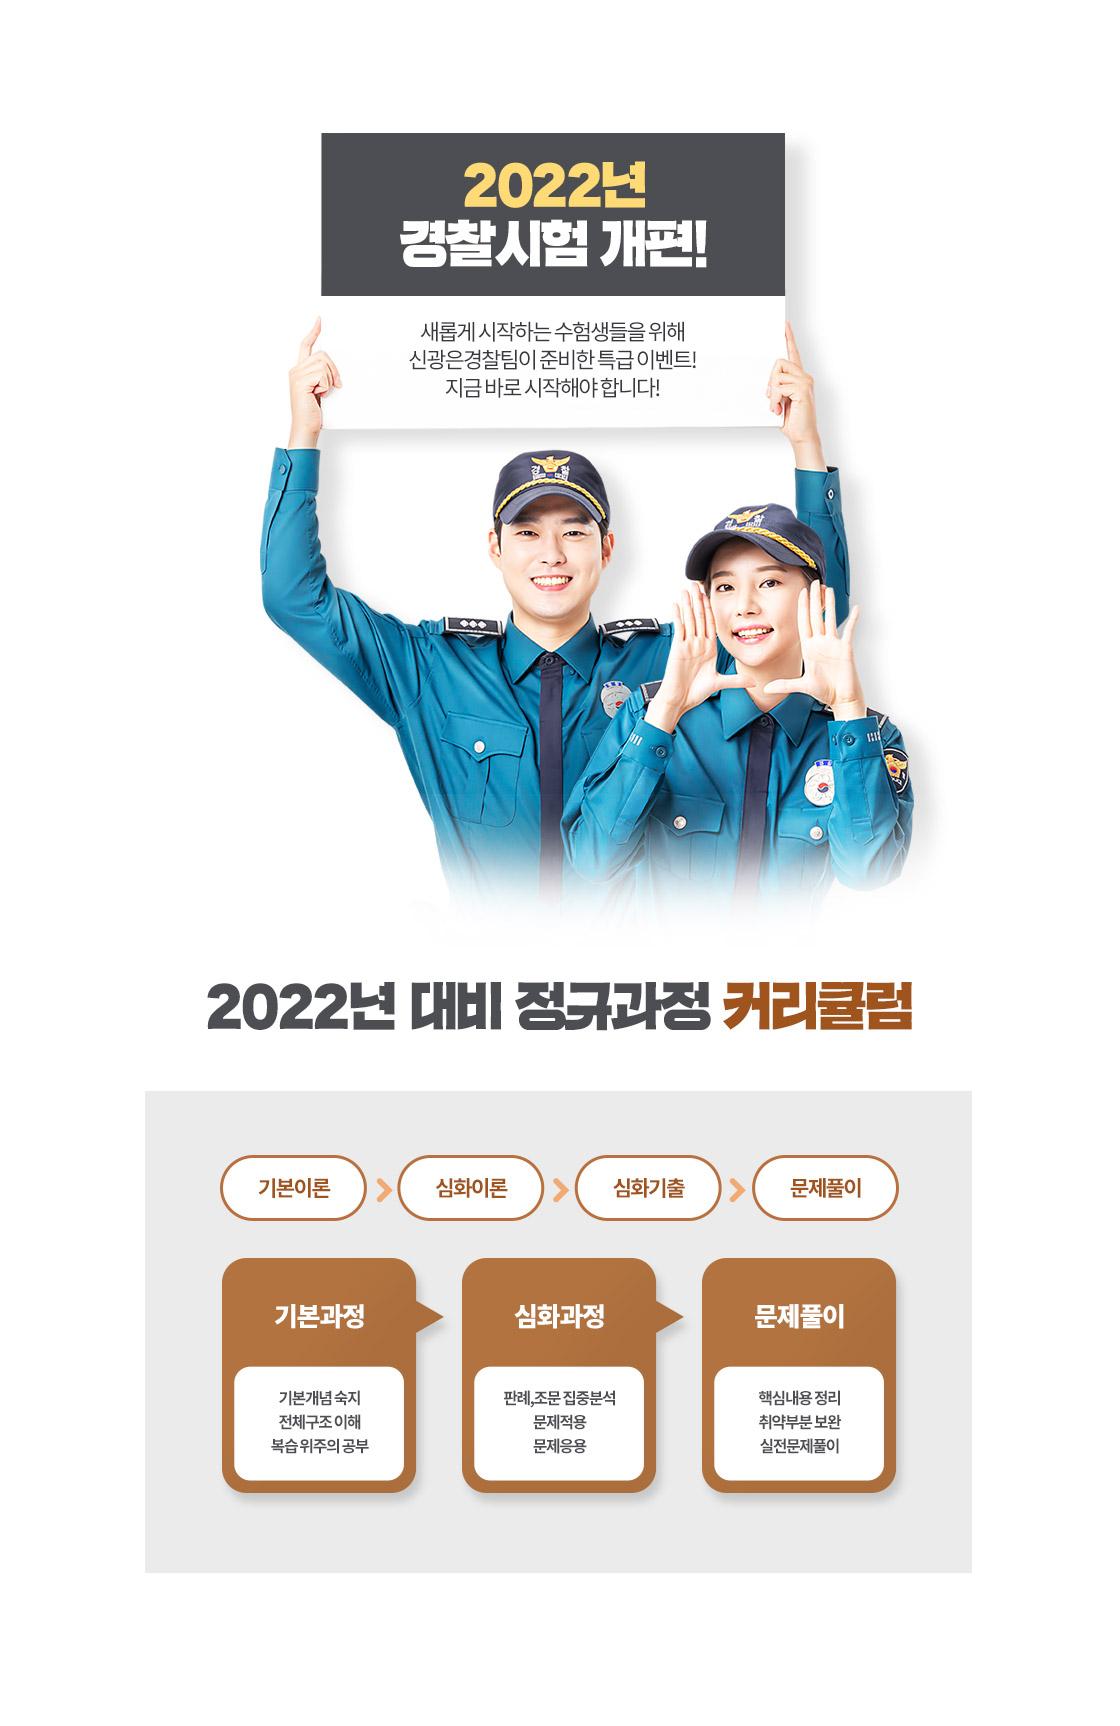 2022년 경찰시험 개편